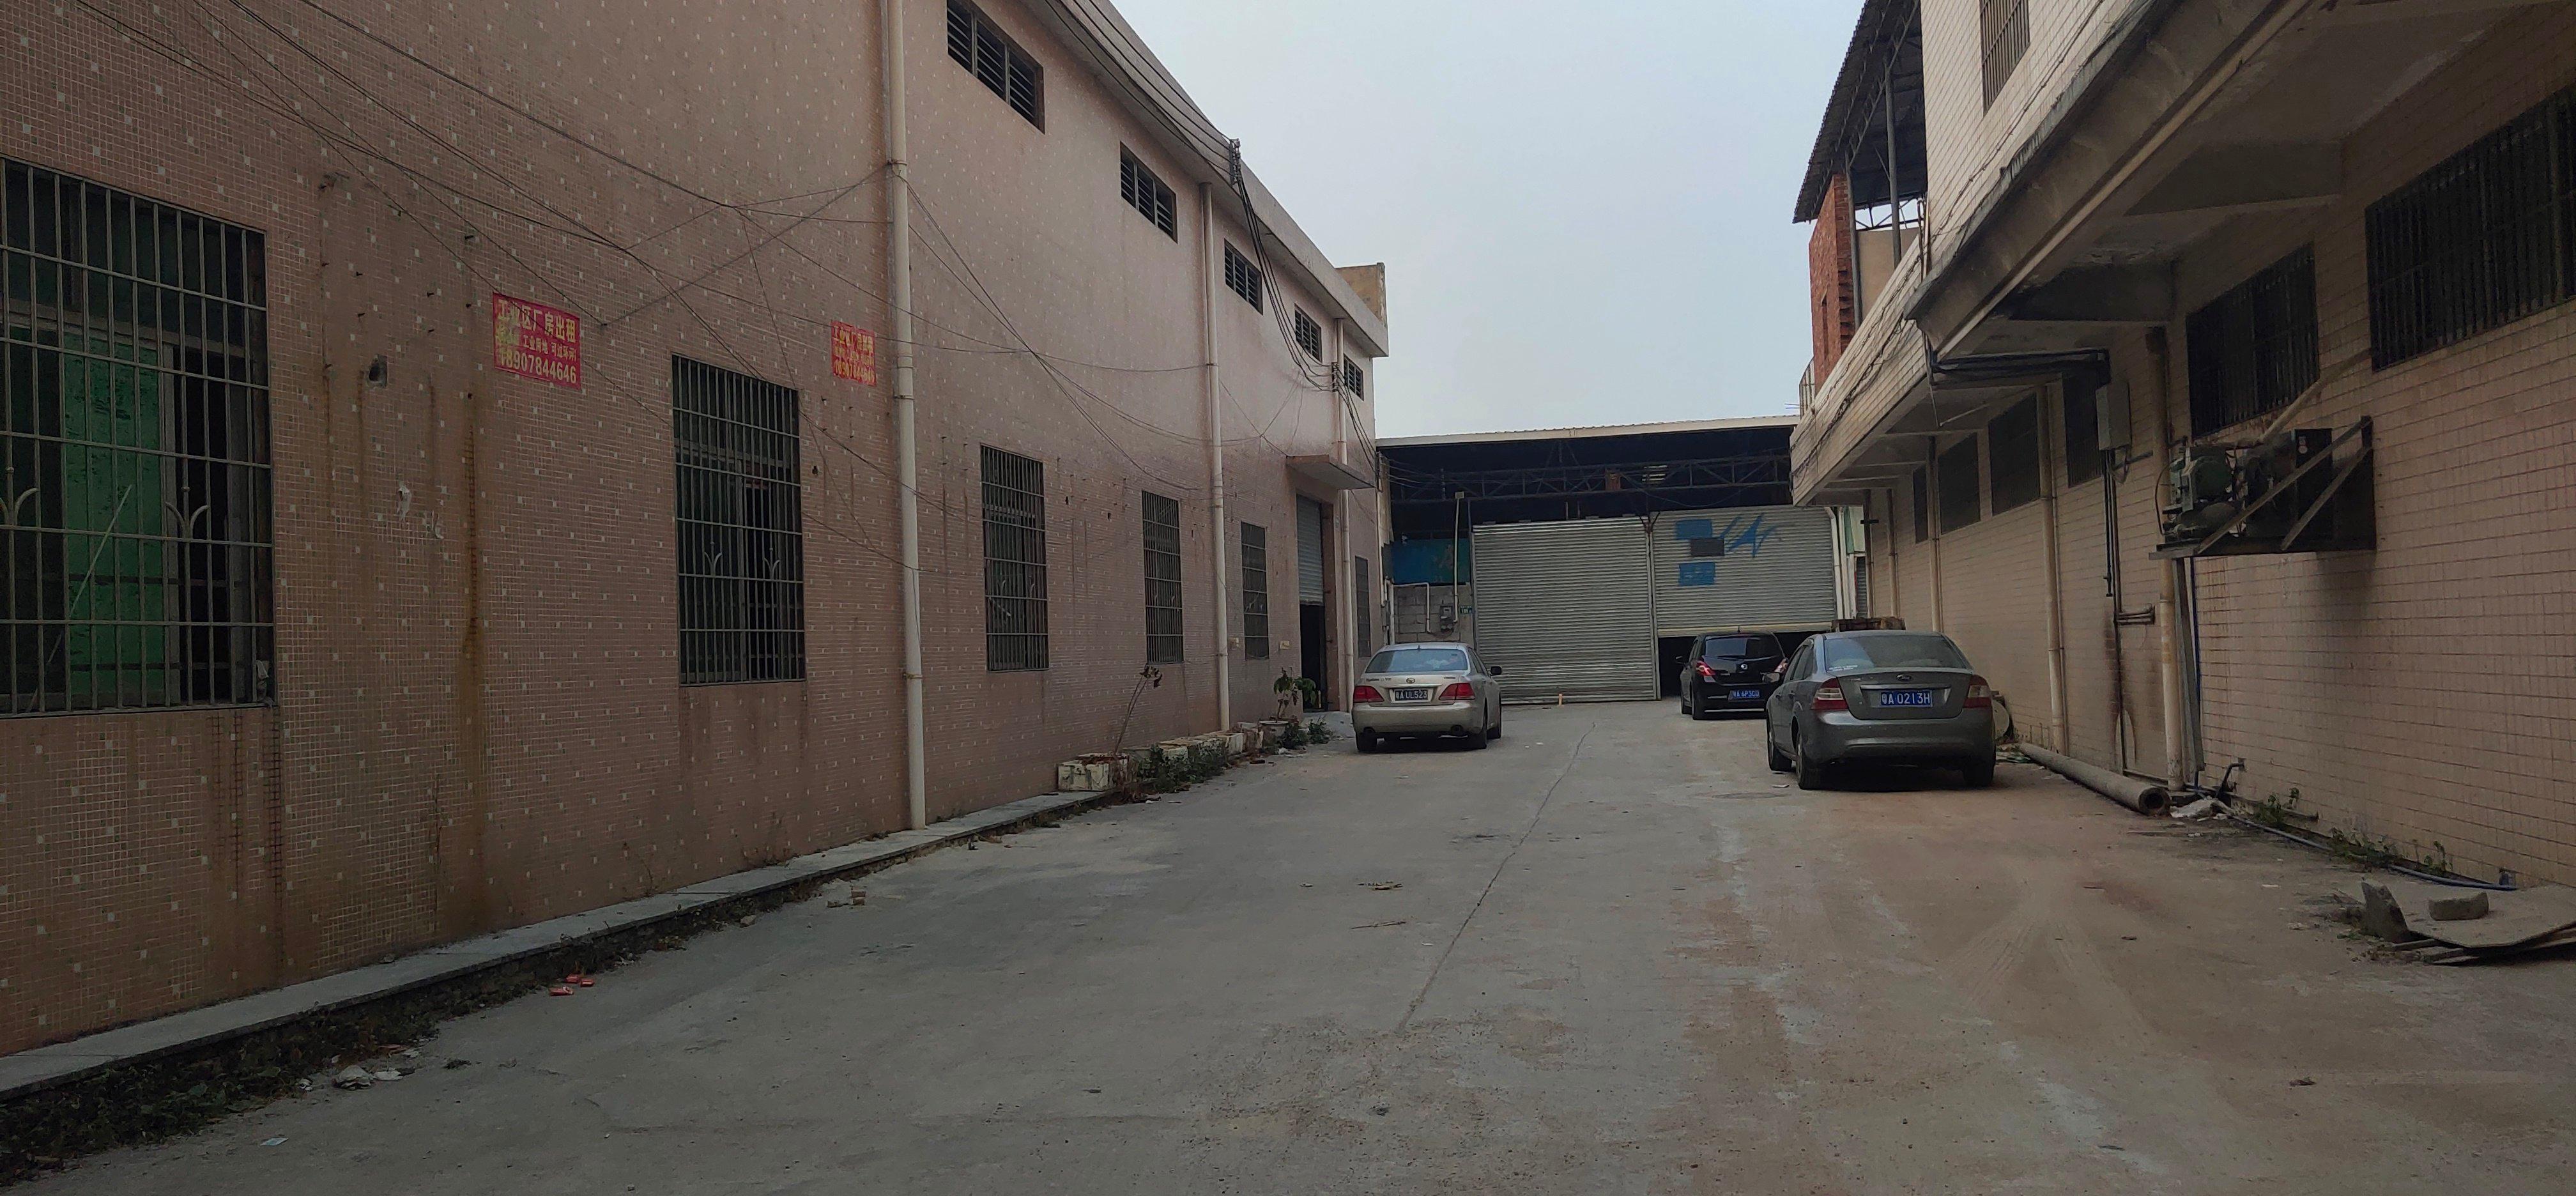 佛山祖庙厂房招租,可做污染行业,机械设备加工,纸箱印刷,注塑